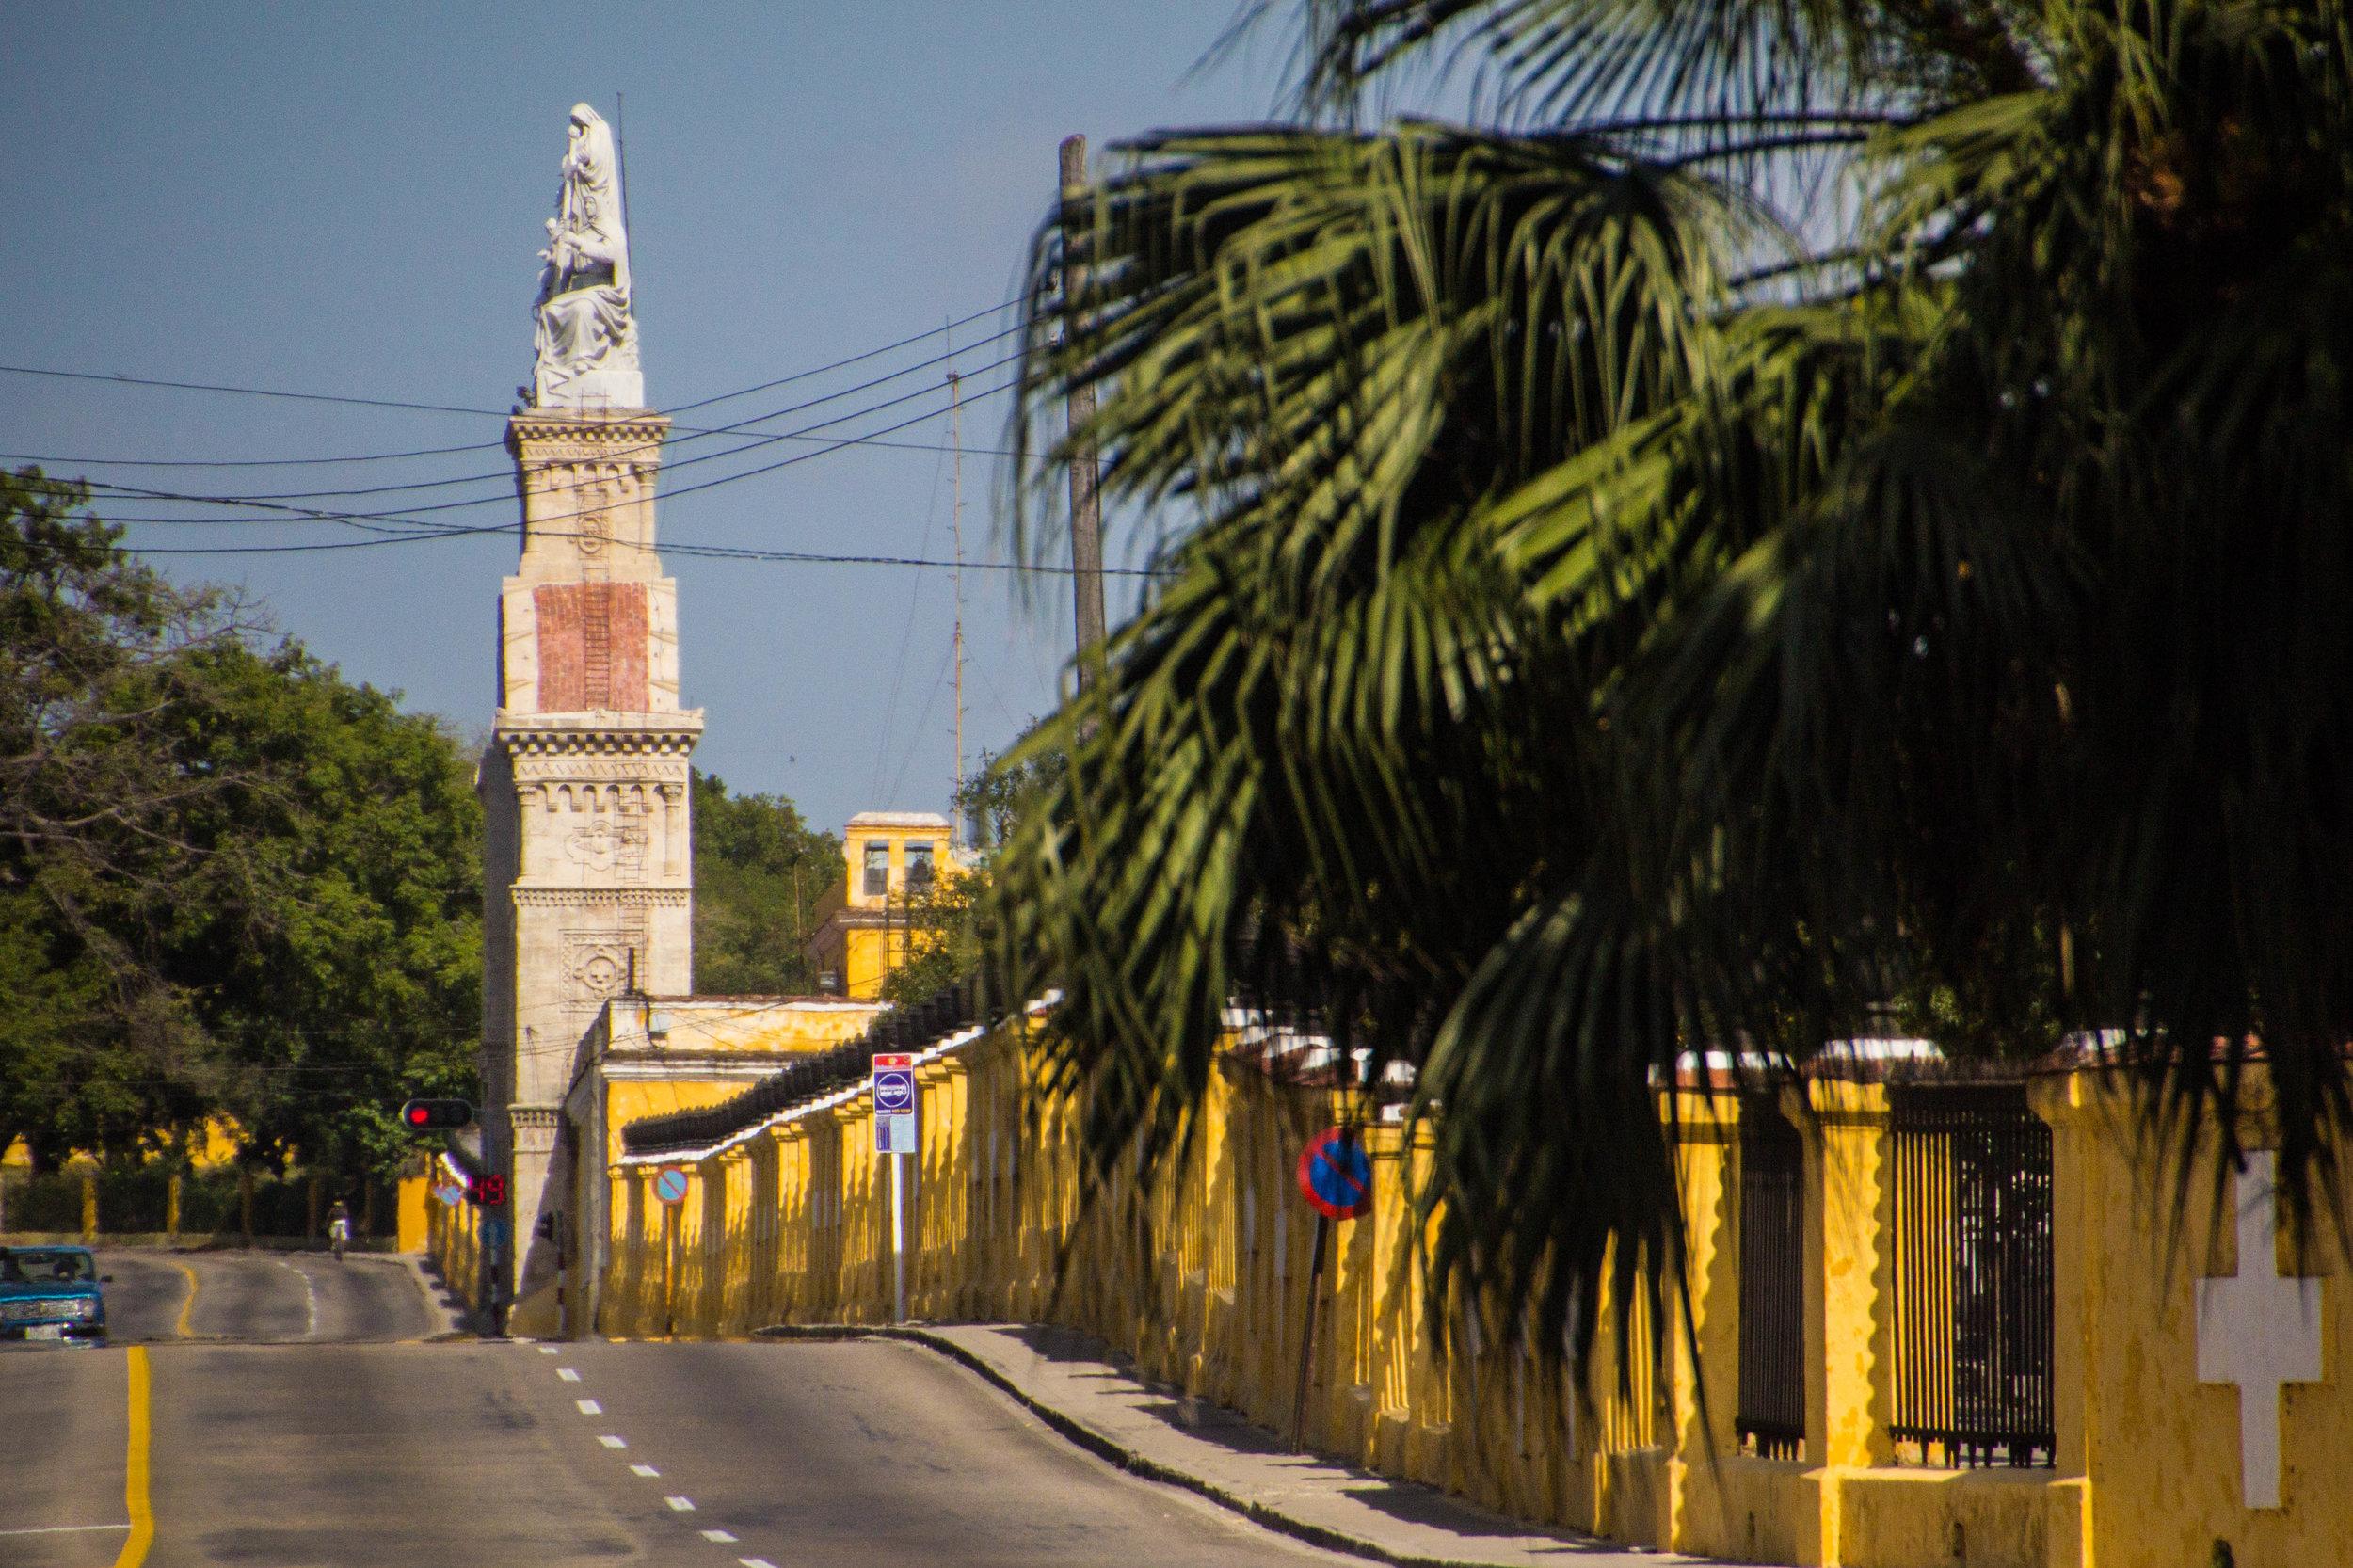 cementerio de cristóbal colón havana cuba-1-13.jpg